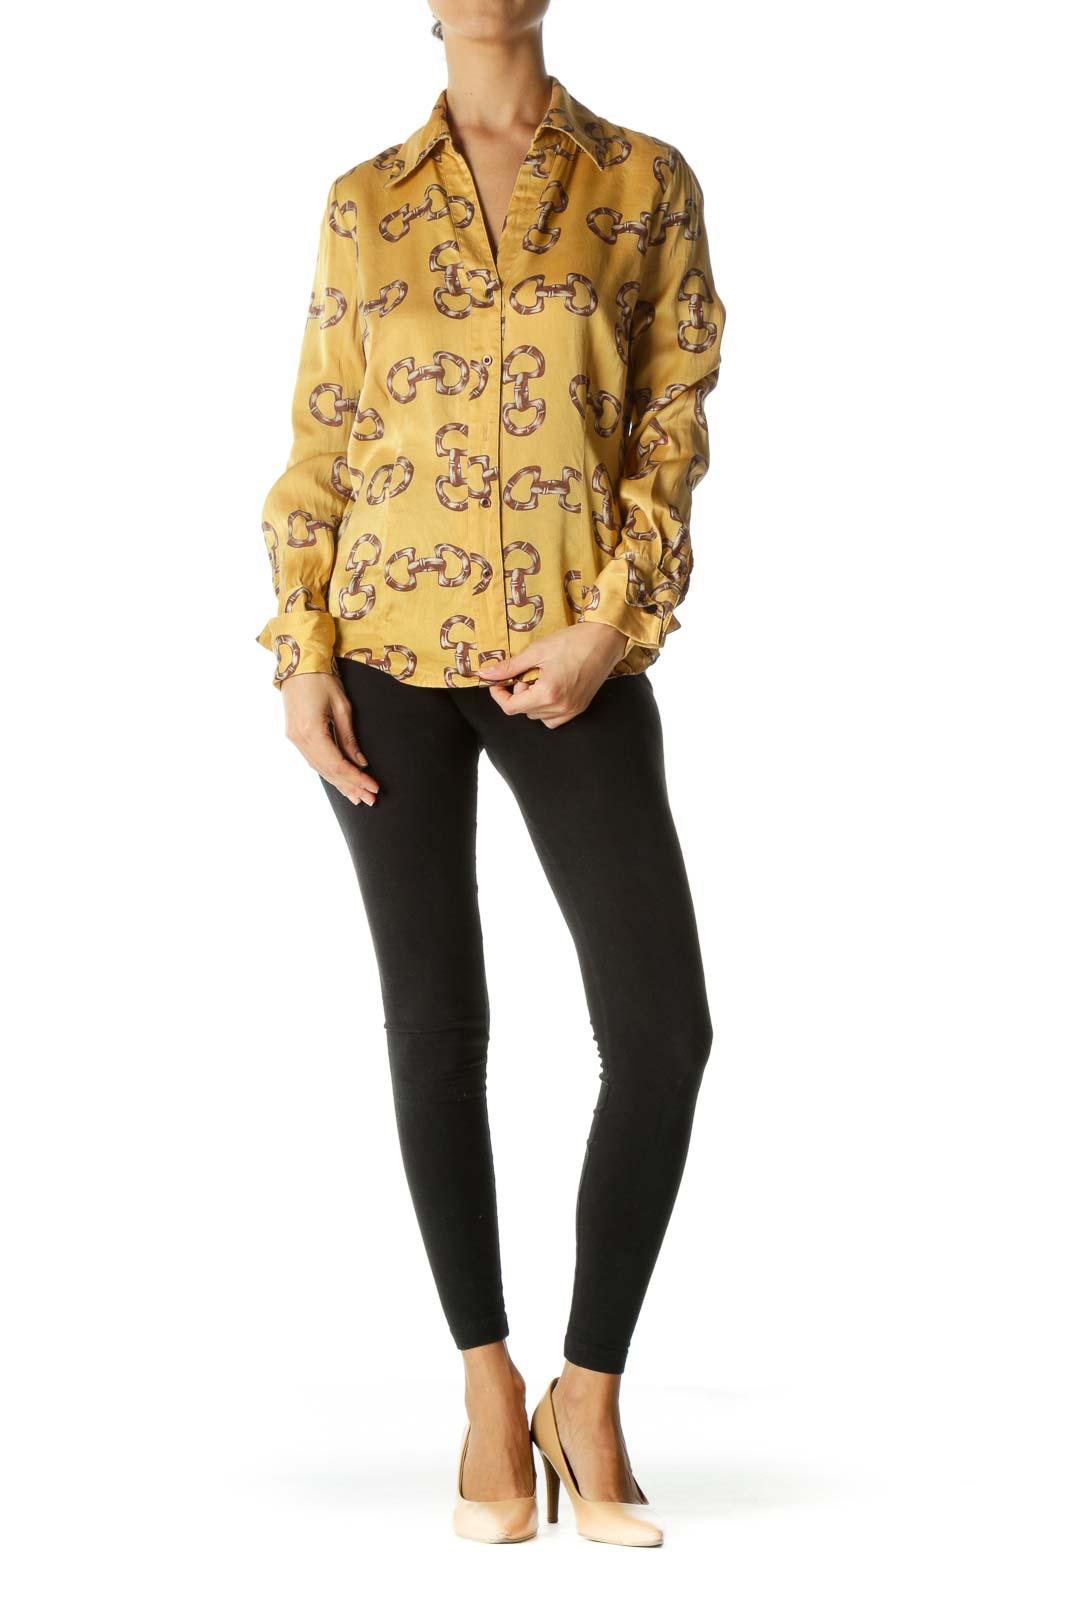 Gold Brown 100% Silk Print Long Sleeve Buttoned Shirt